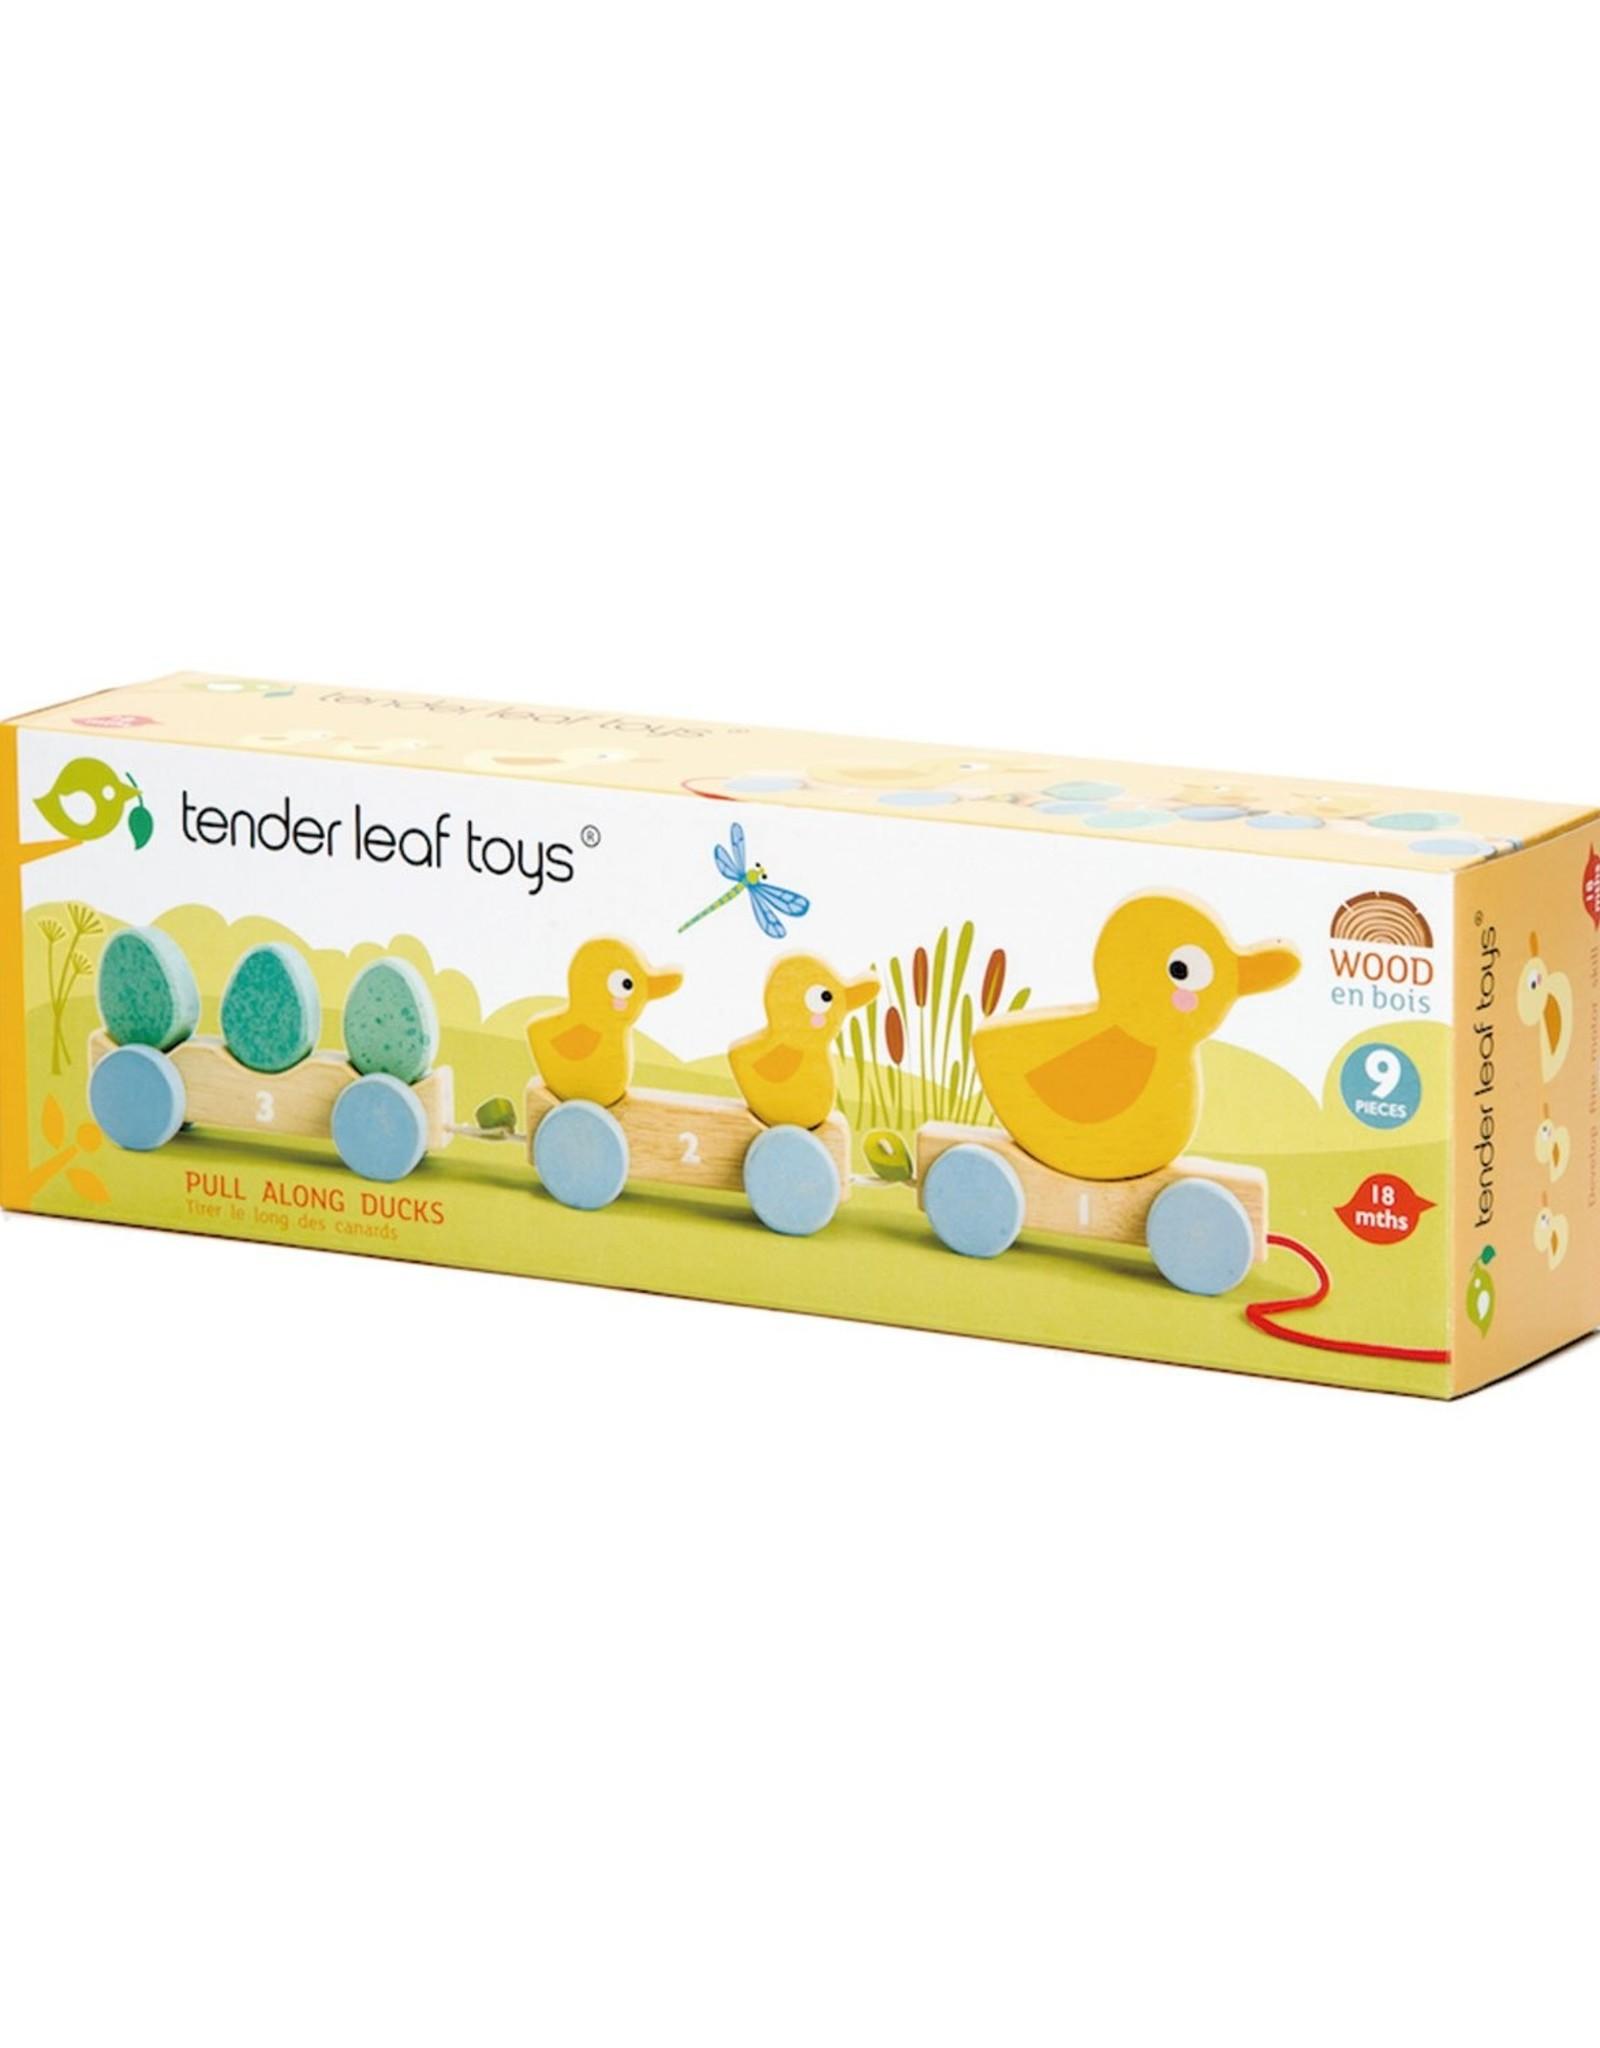 Tender leaf toys Pull Along Ducks